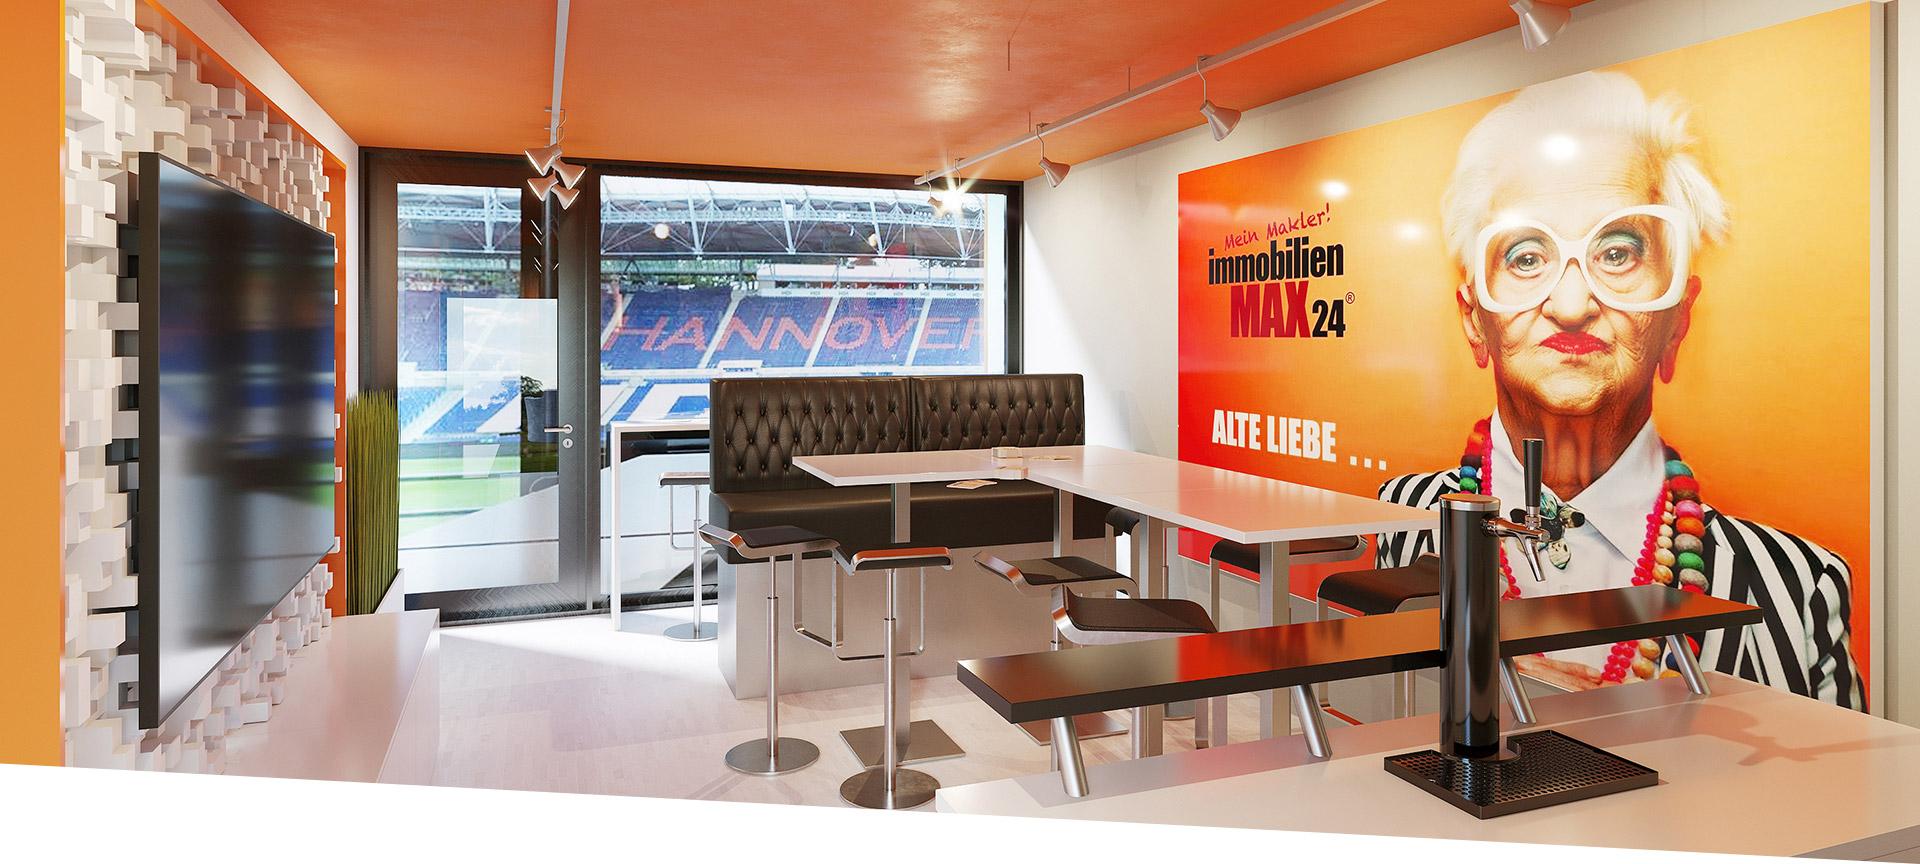 Hannover 96 Loge - Partnerschaft